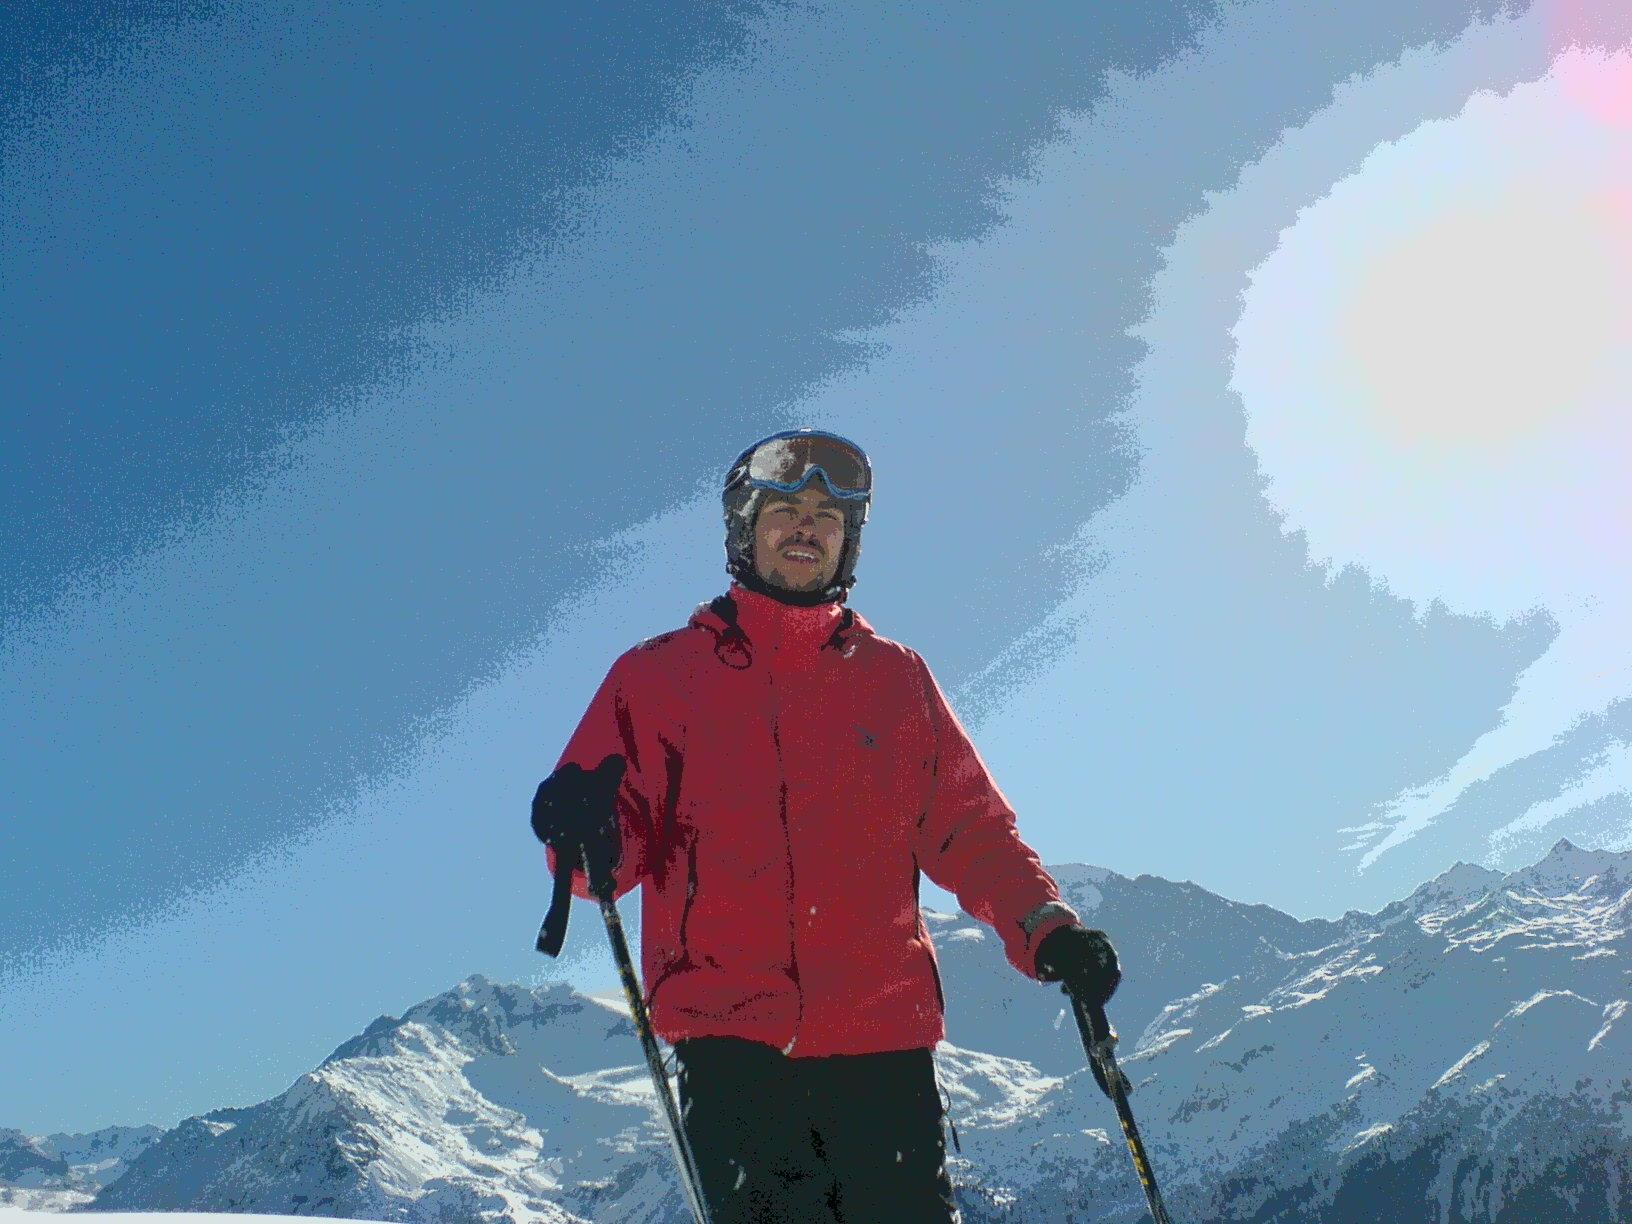 Skiurlaub da wo die Promis auch auf den Brettern stehen